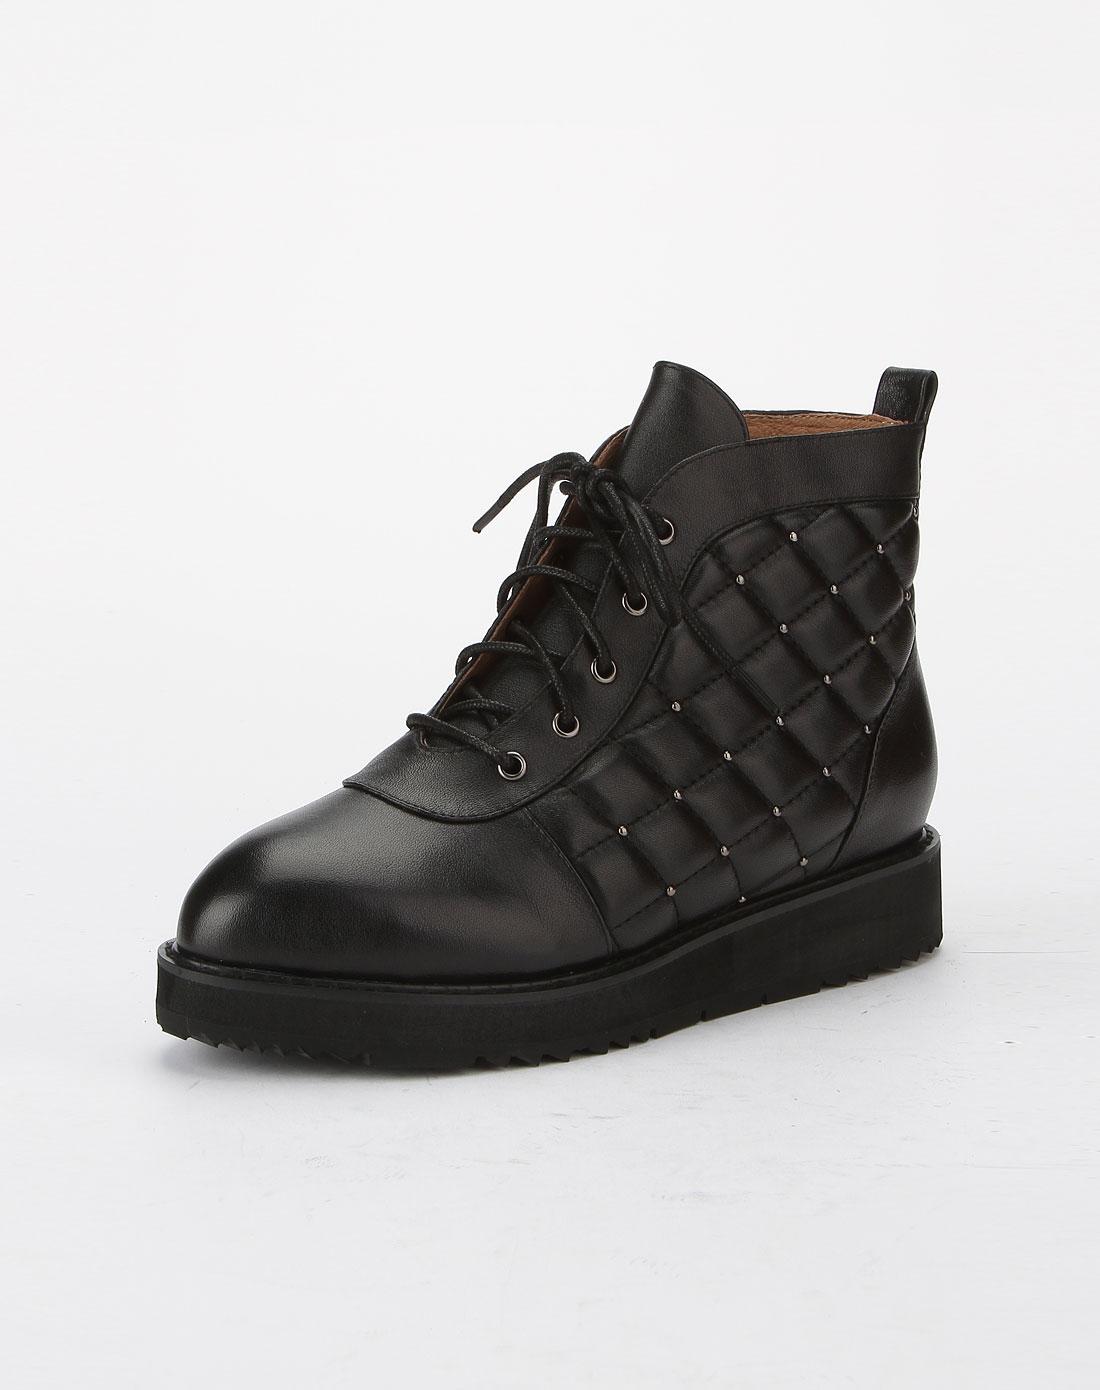 哈森旗下品牌女鞋混合专场-卡文女款黑色绑带格仔纹时尚厚底短靴